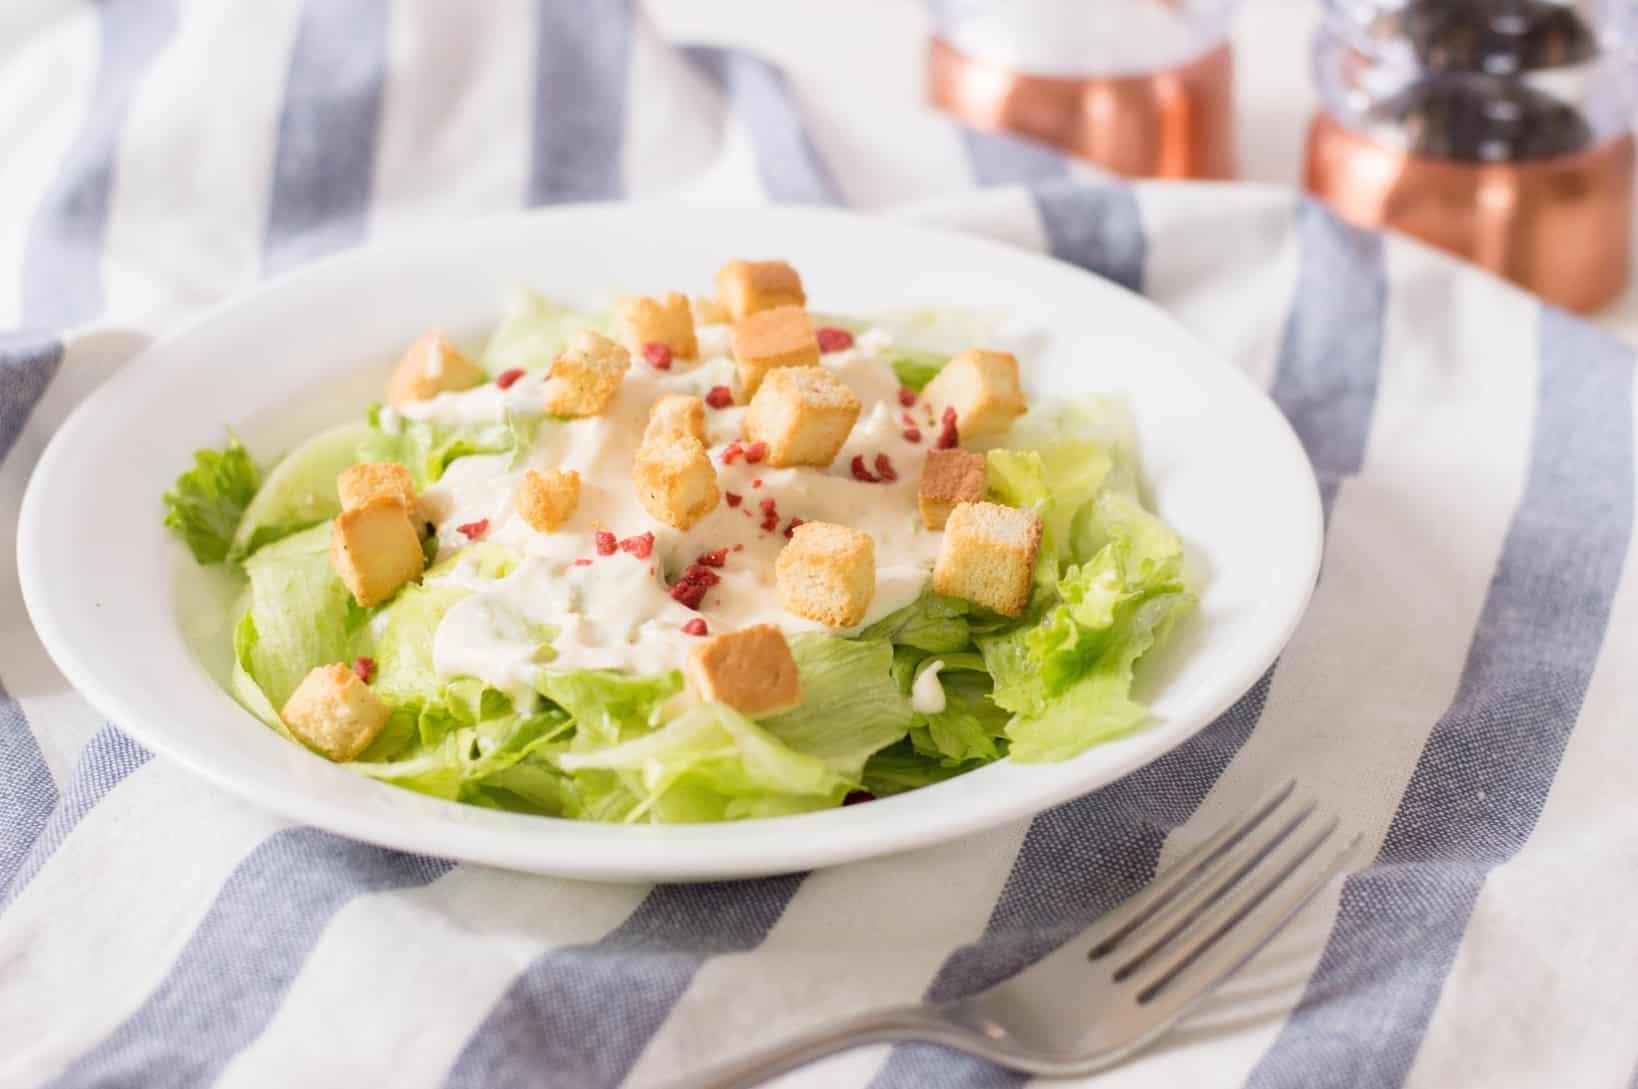 Garlicky-Caesar-Salad-Dressing